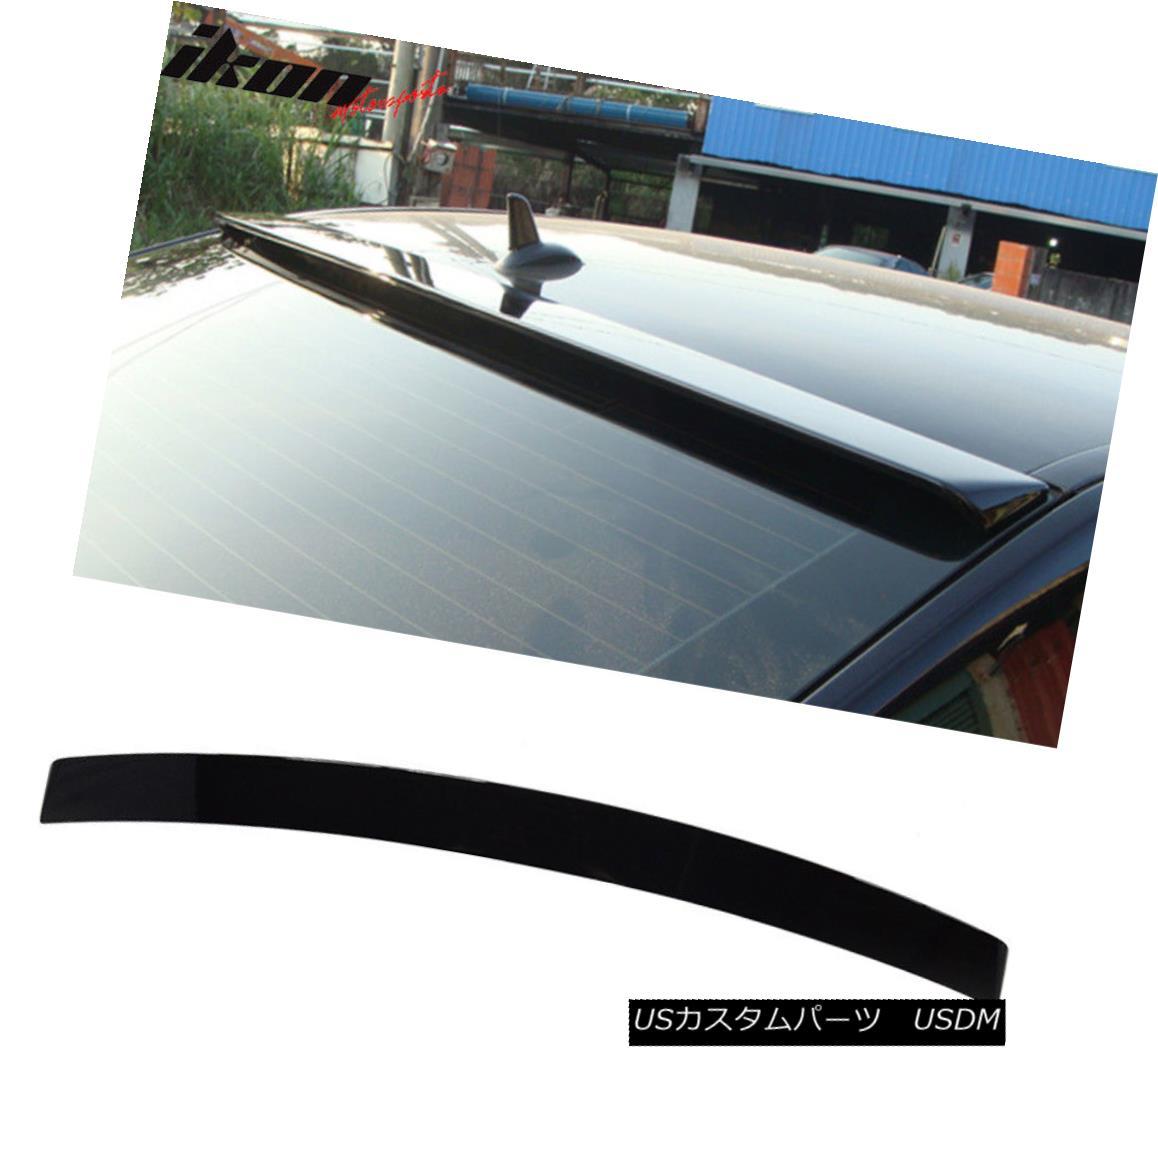 エアロパーツ Fits 10-16 Benz E-Class W212 Roof Spoiler Painted #197 Obsidian Black Metallic フィット10-16ベンツEクラスW212ルーフスポイラー塗装#197黒曜石黒メタリック